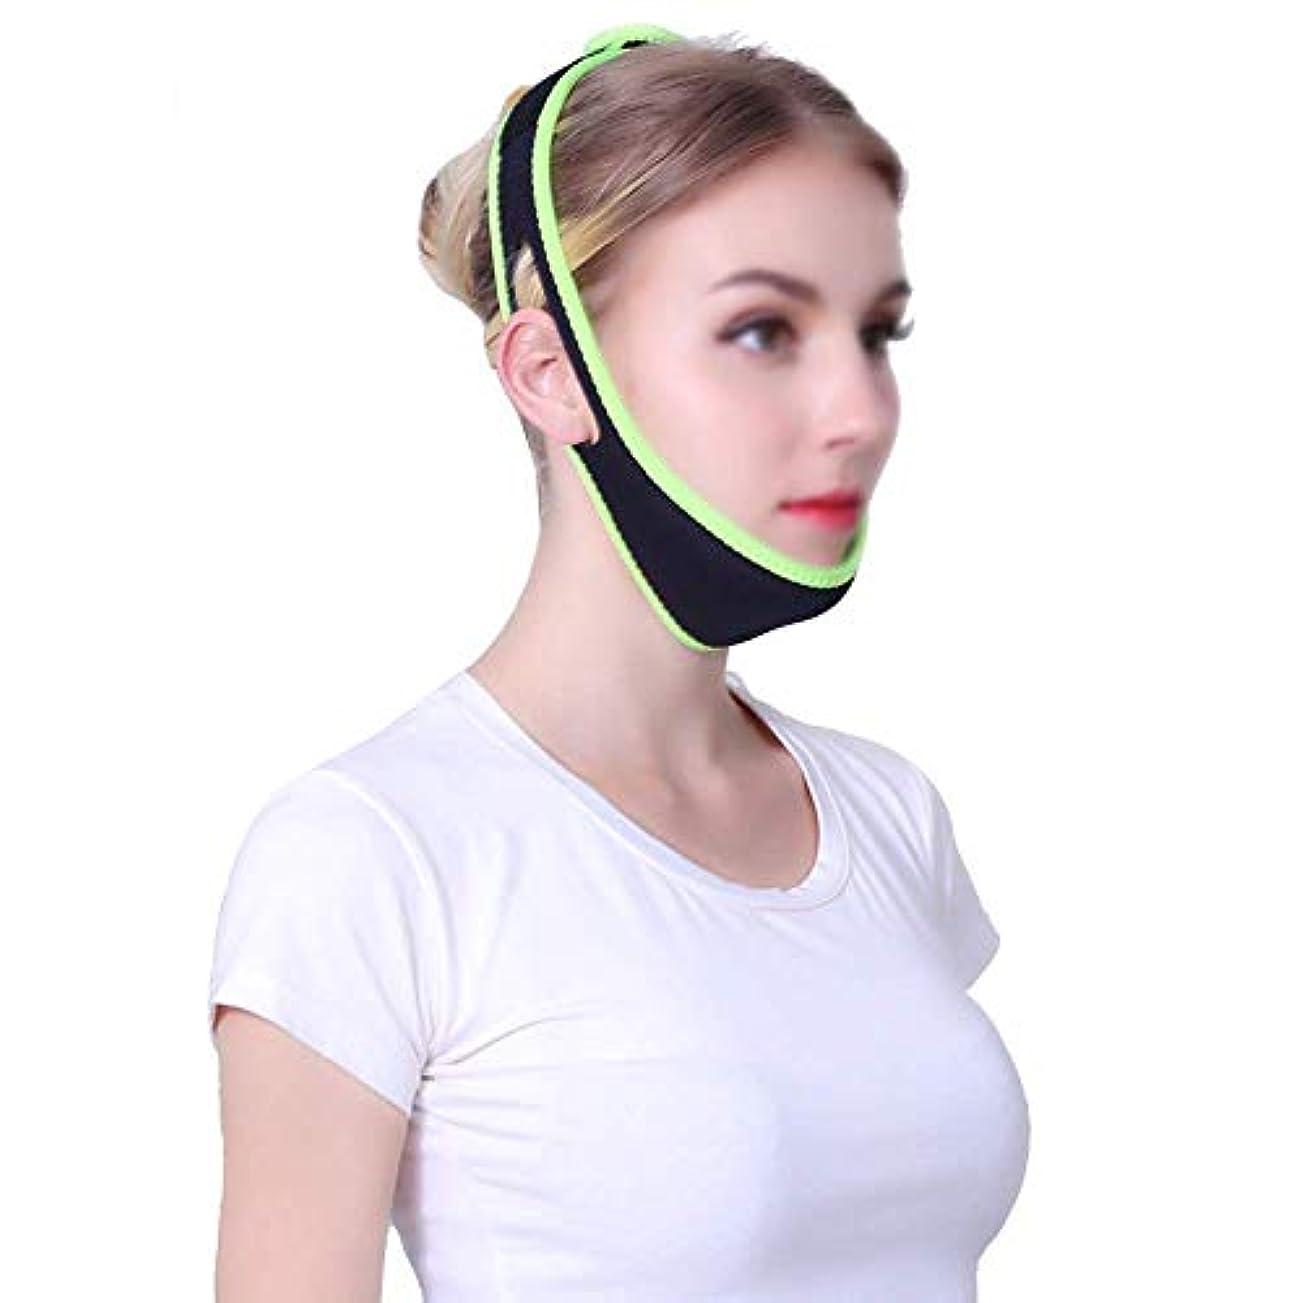 冷える不格好誓うファーミングフェイスマスク、小さなVフェイスアーティファクト睡眠薄いフェイス包帯マスクリフティングマスクファーミングクリームフェイスリフトフェイスメロンフェイス楽器